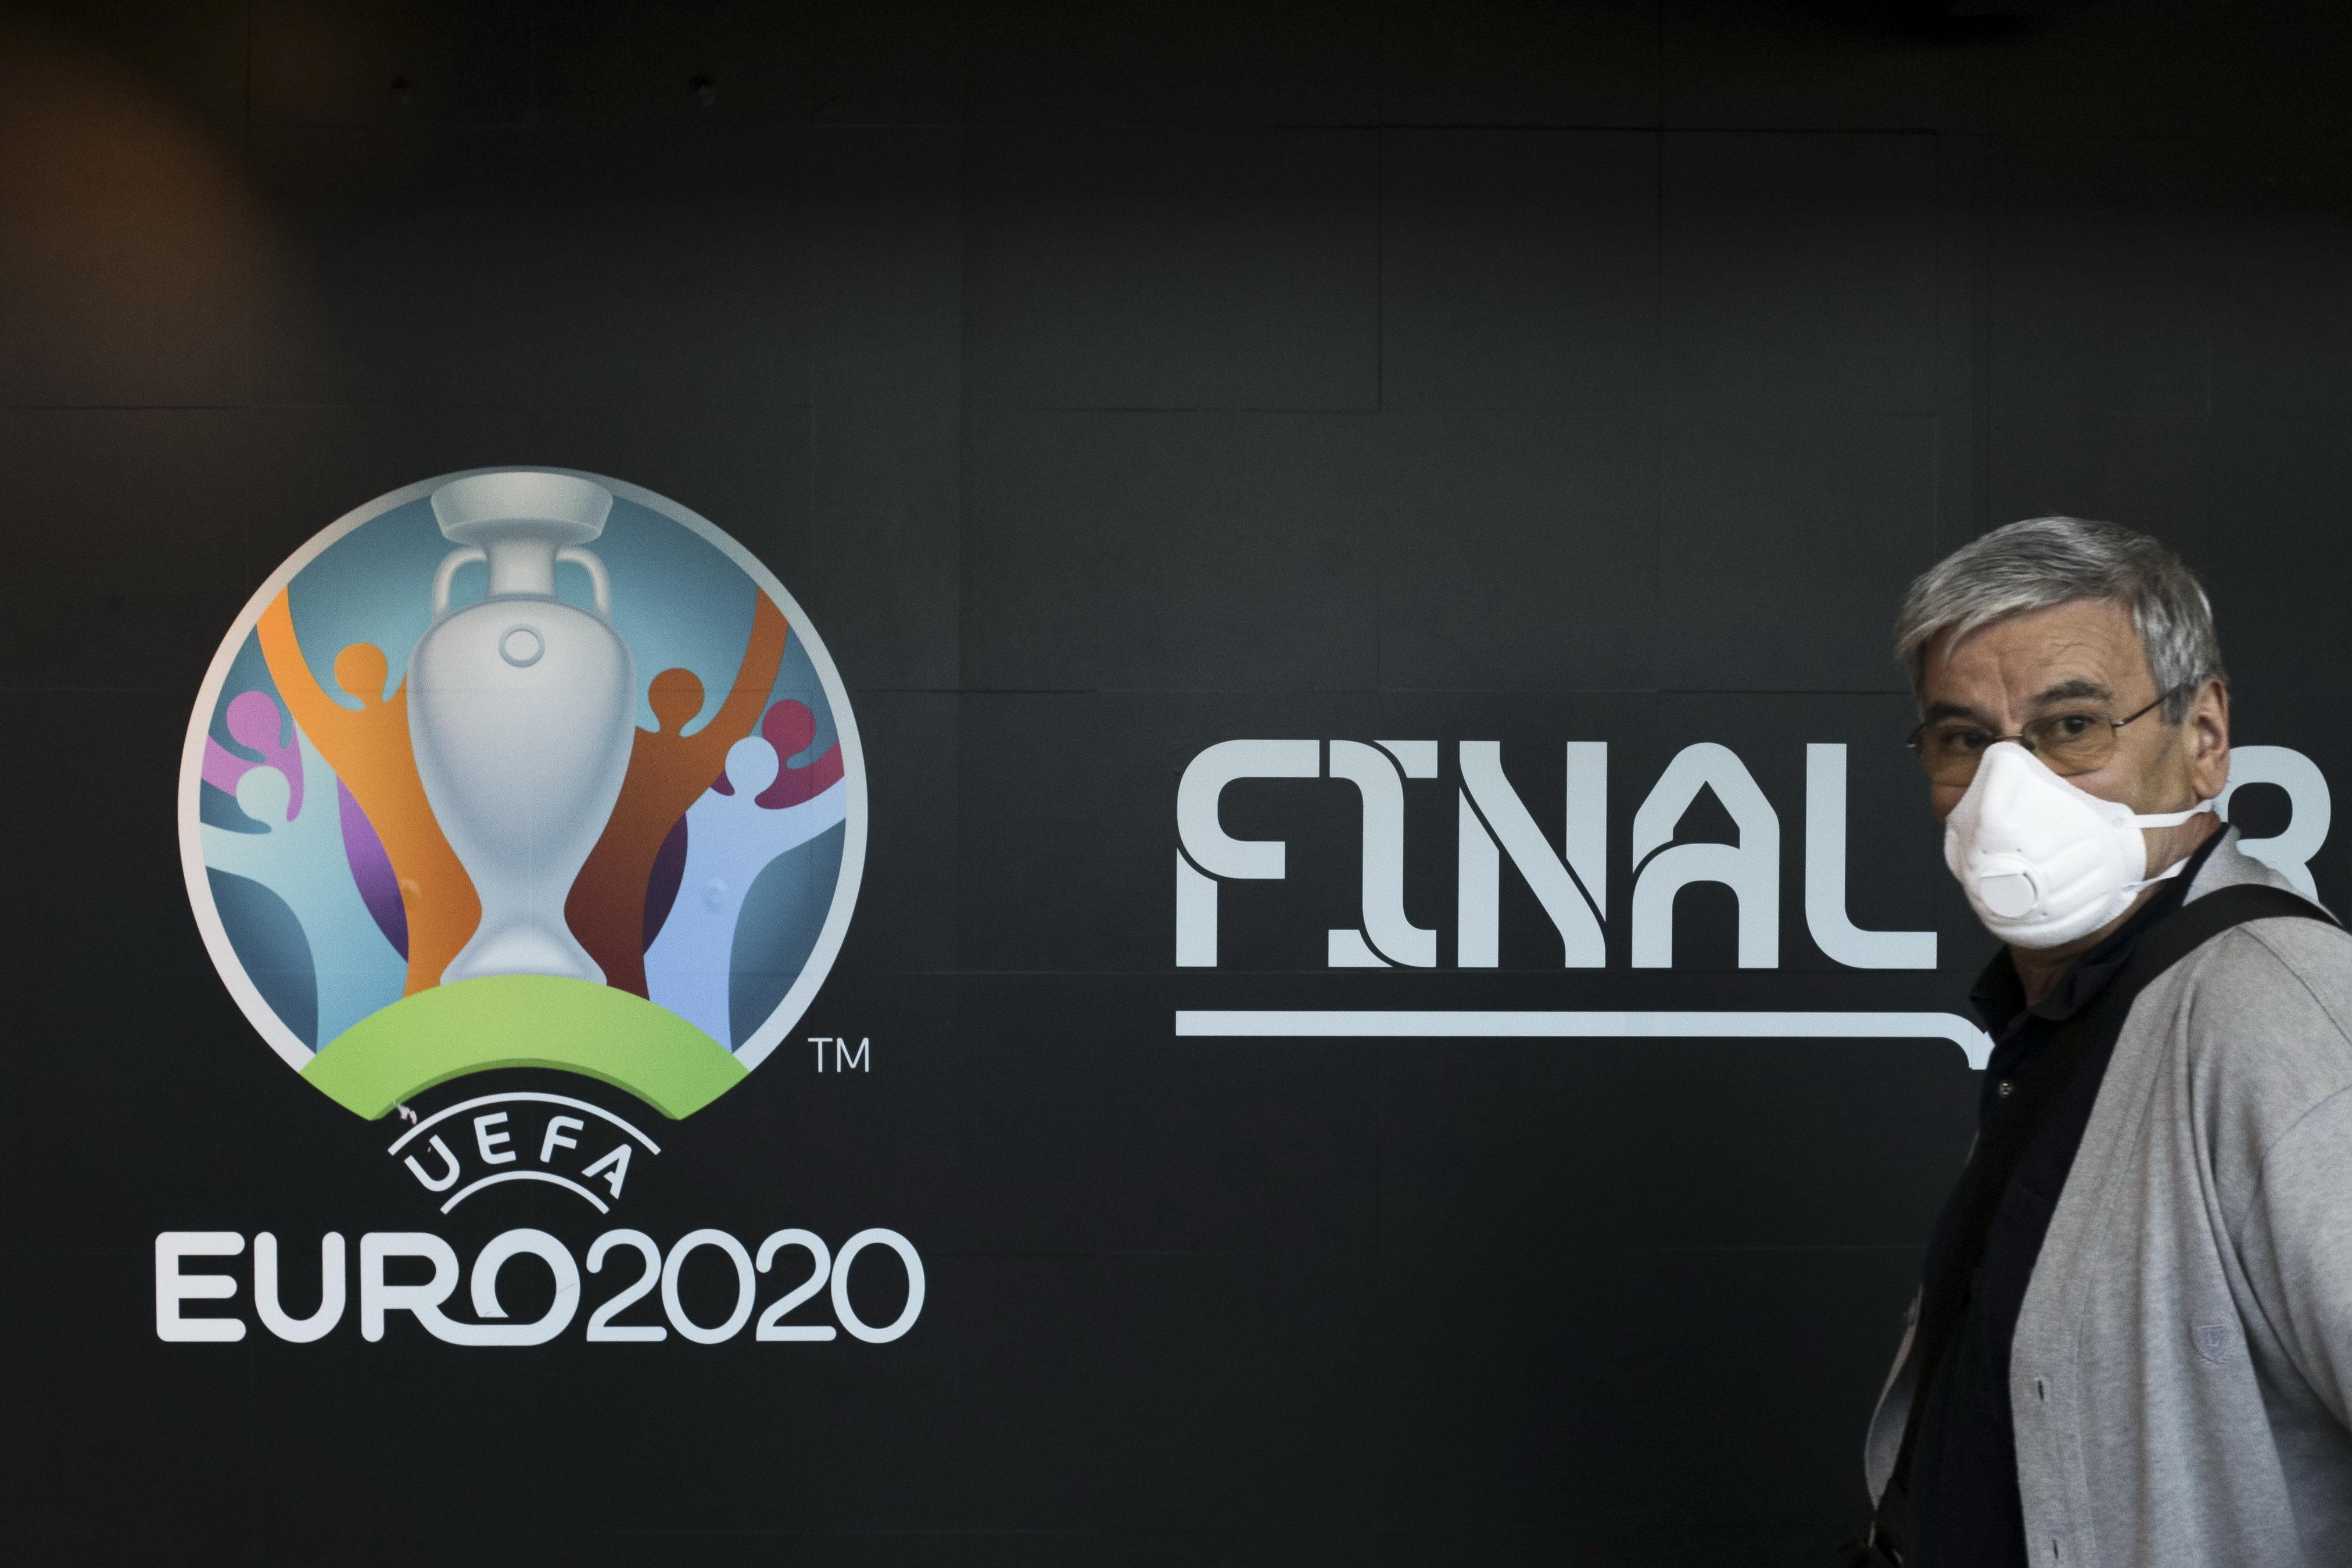 UEFA are o intreaga dezbatere: cum sa se numeasca EURO 2020 care se va disputa anul viitor